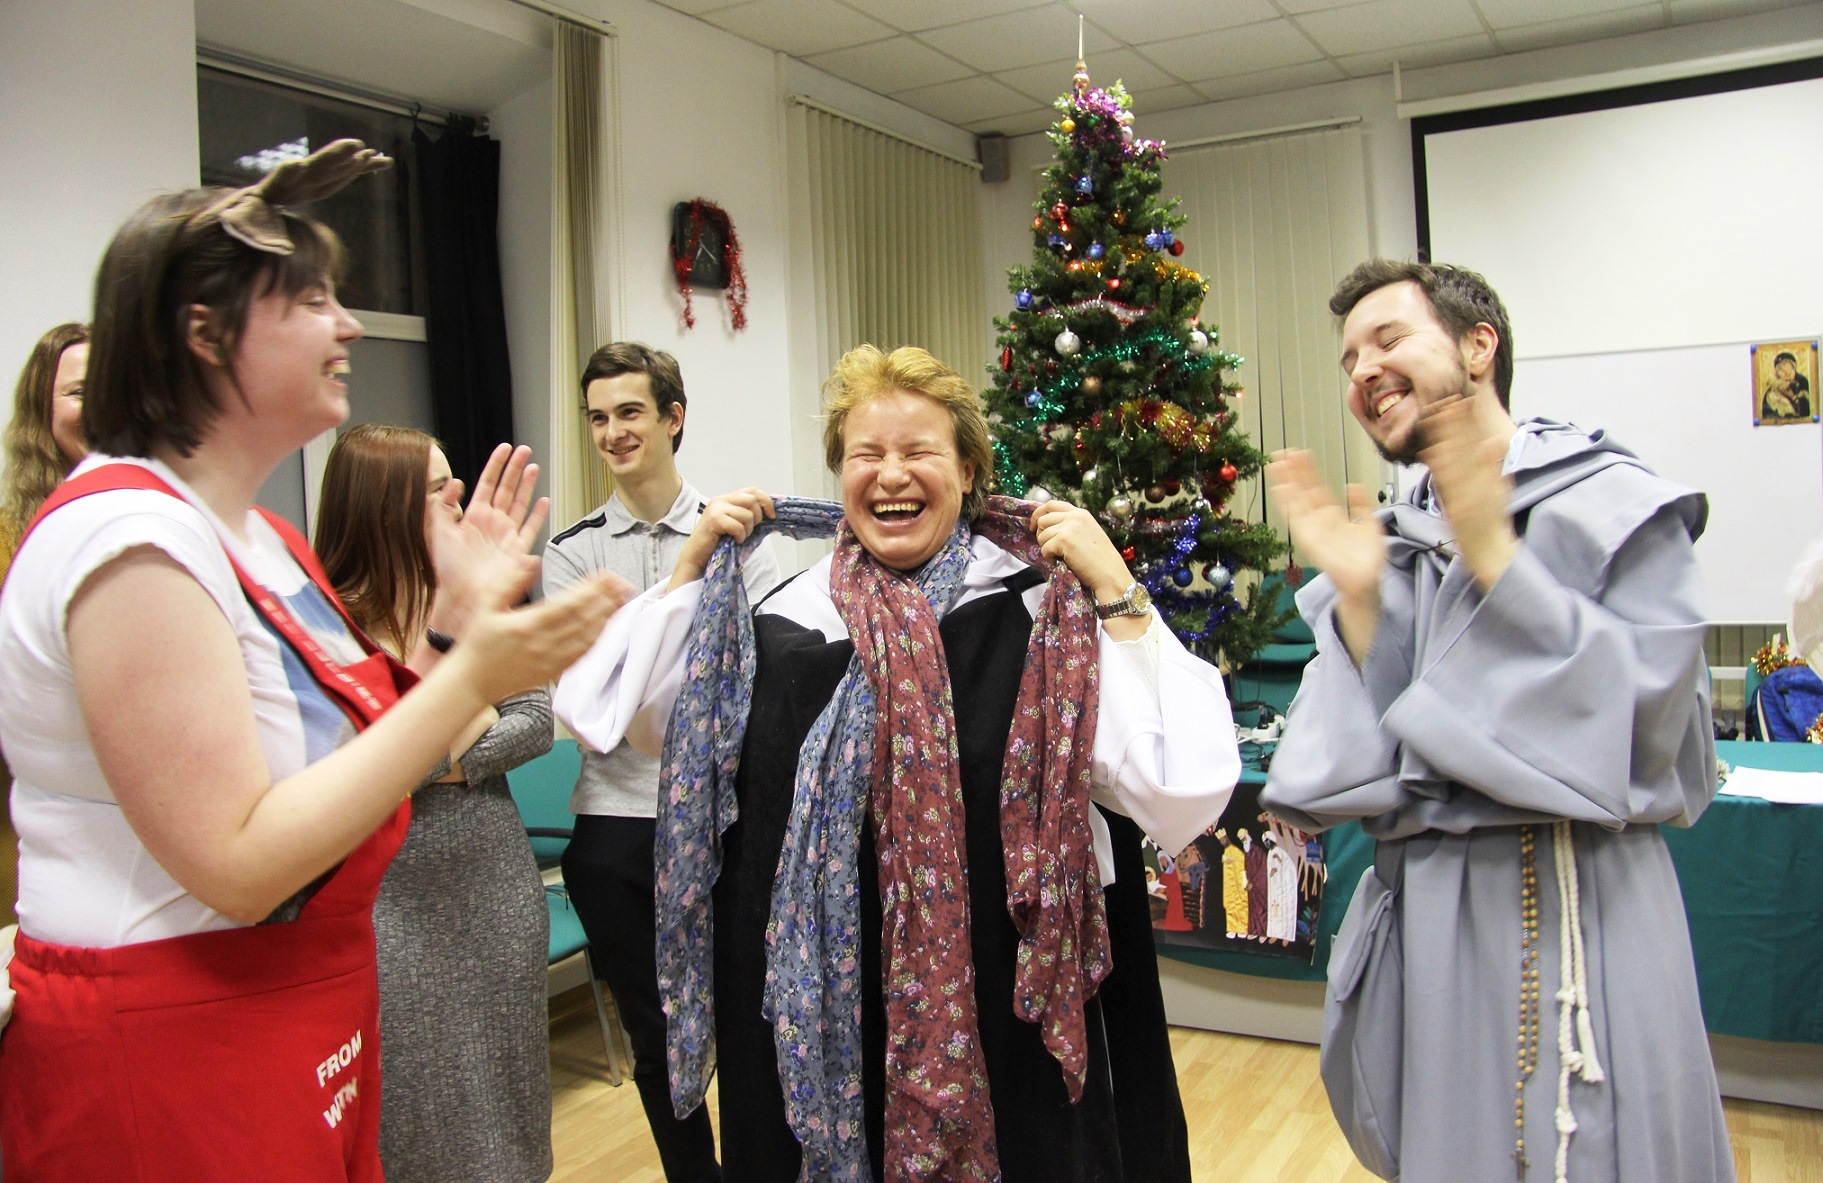 Институт Святого Фомы провел Рождественскую встречу друзей (ФОТО)